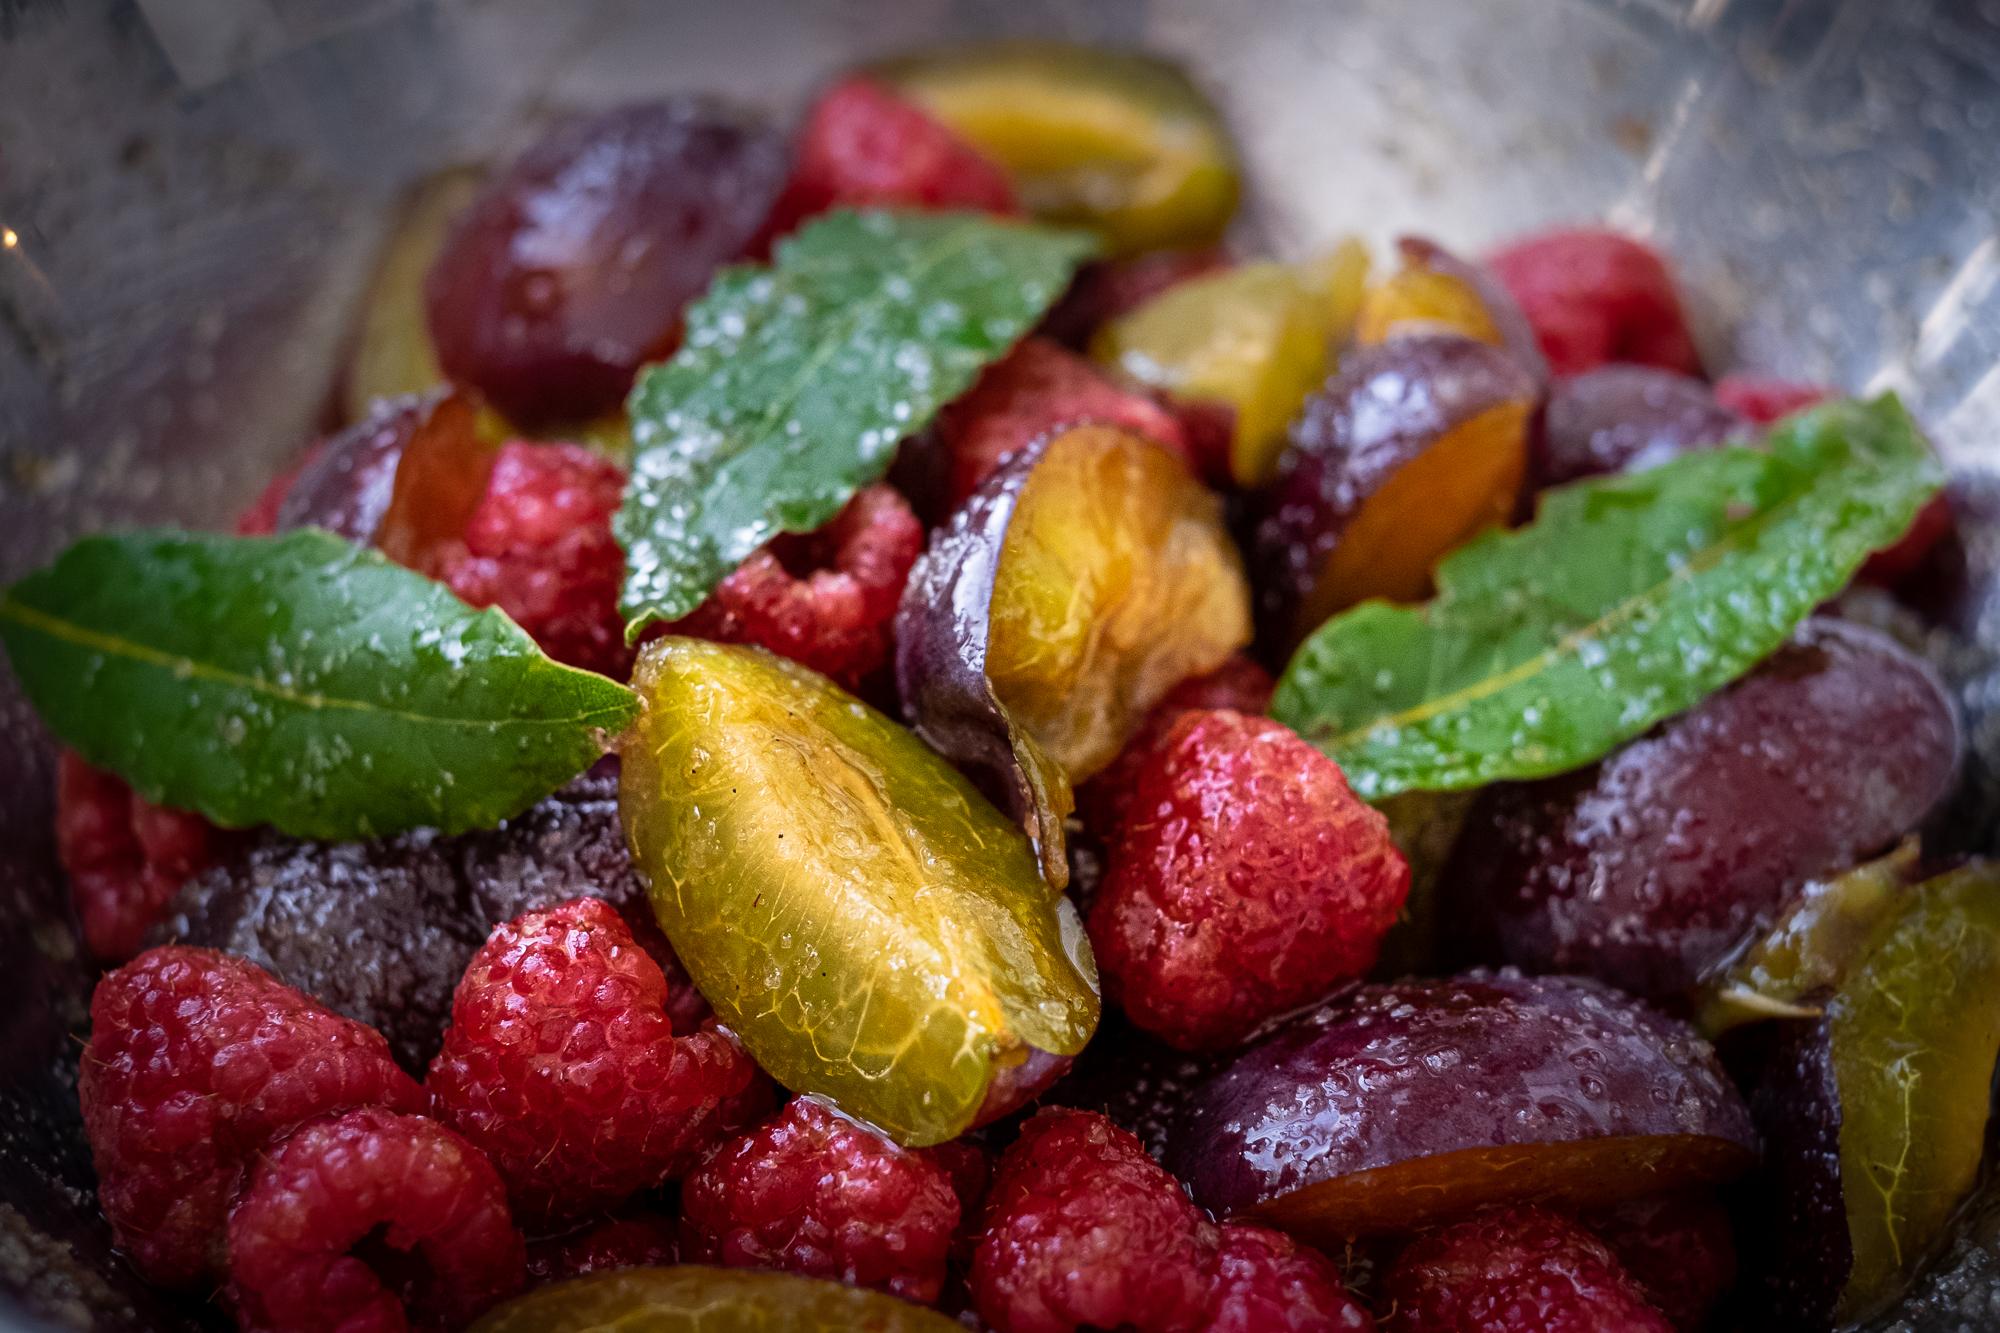 Eerst de pruimen en frambozen met laurier macereren